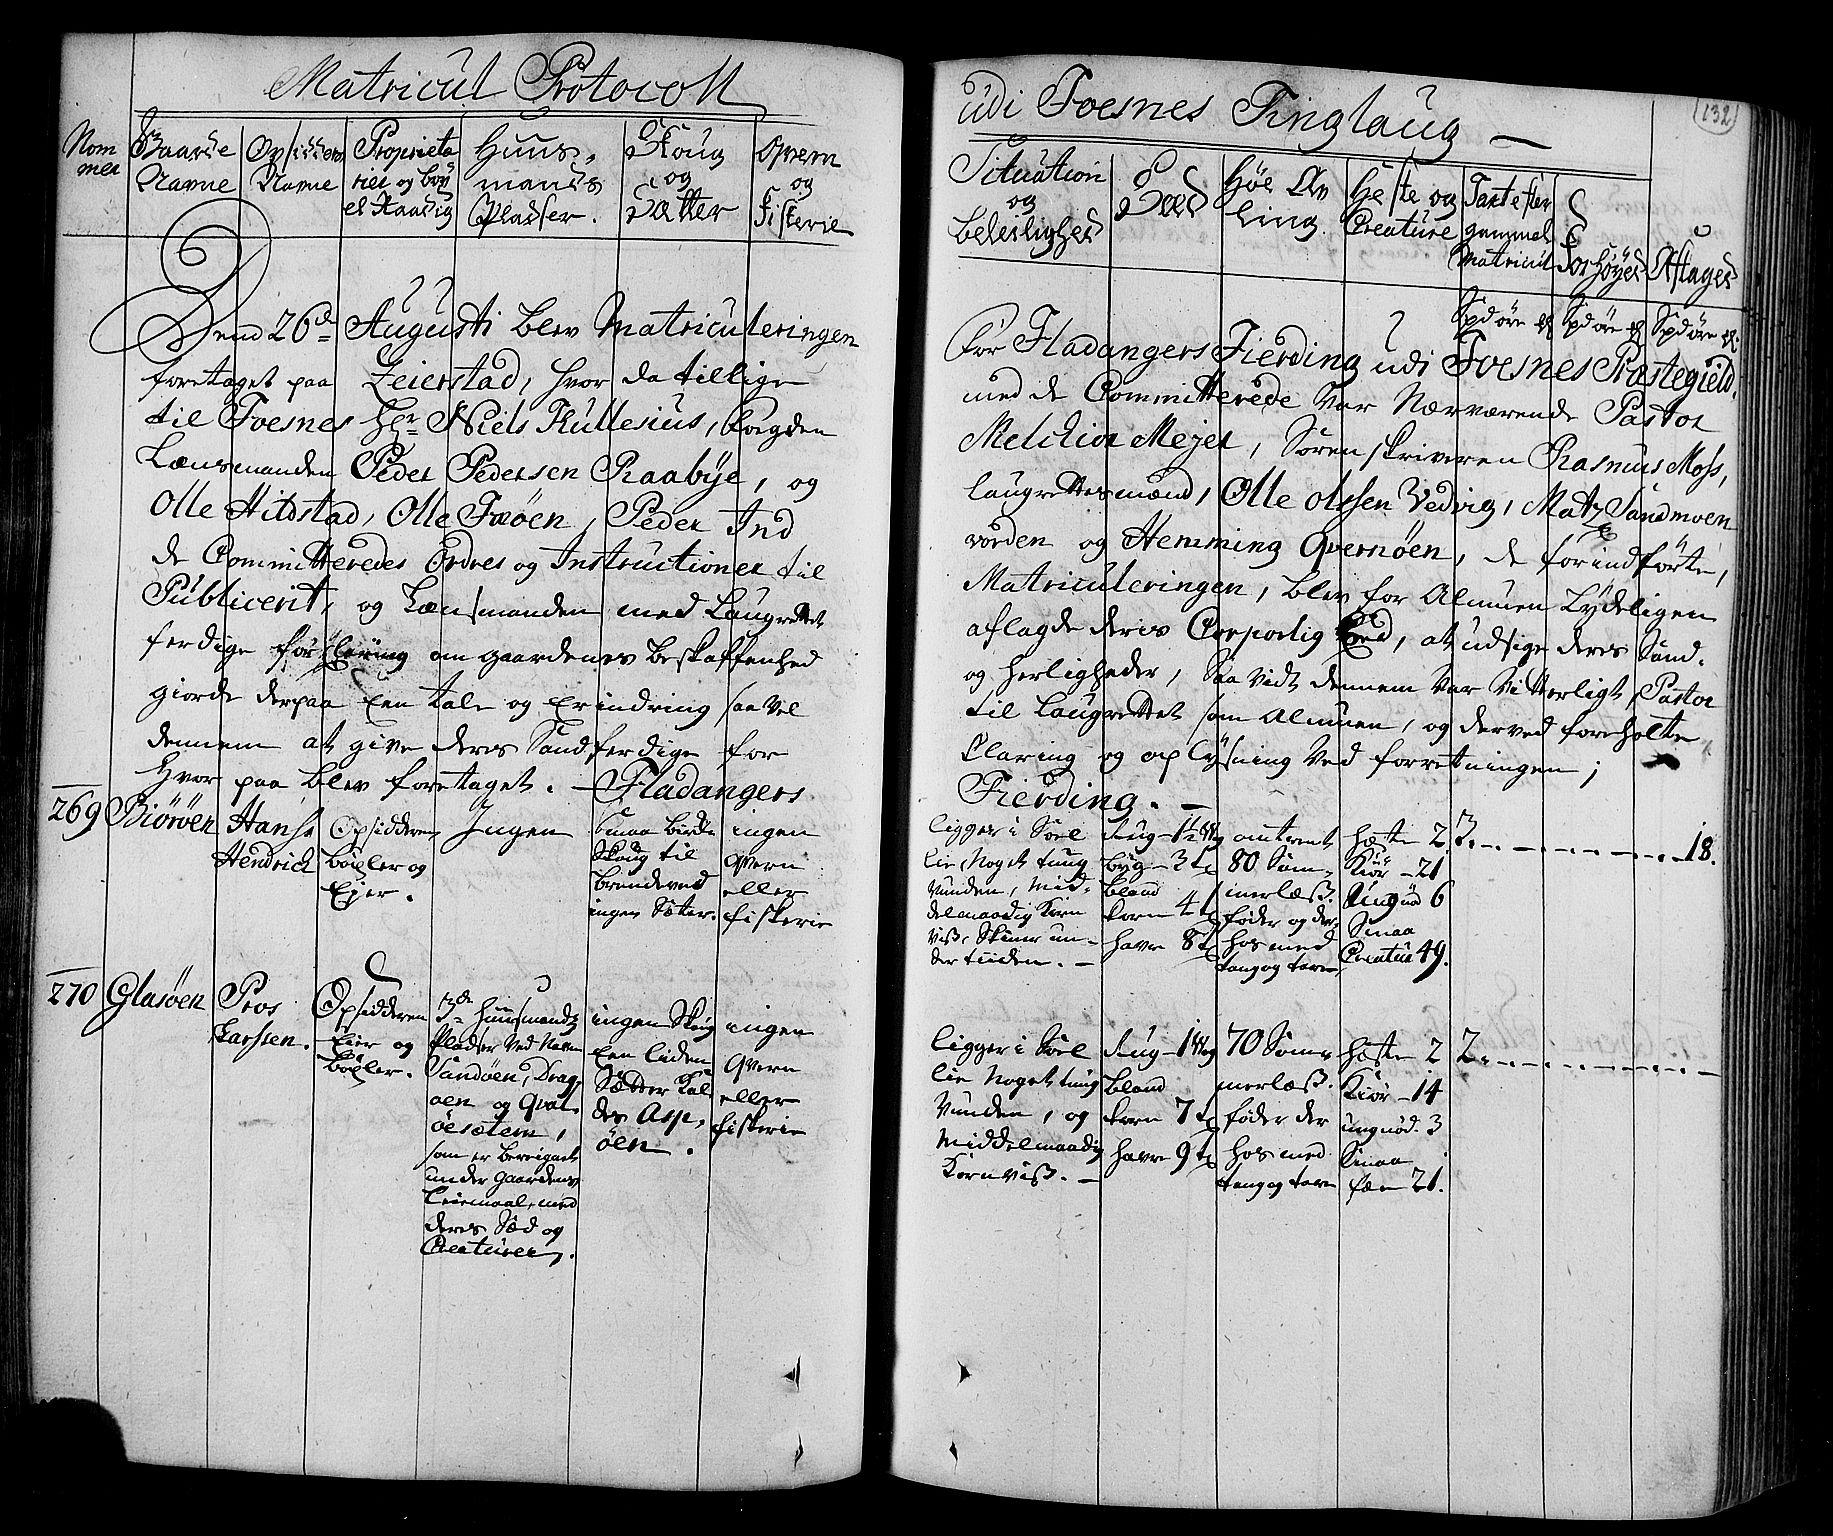 RA, Rentekammeret inntil 1814, Realistisk ordnet avdeling, N/Nb/Nbf/L0168: Namdalen eksaminasjonsprotokoll, 1723, s. 131b-132a